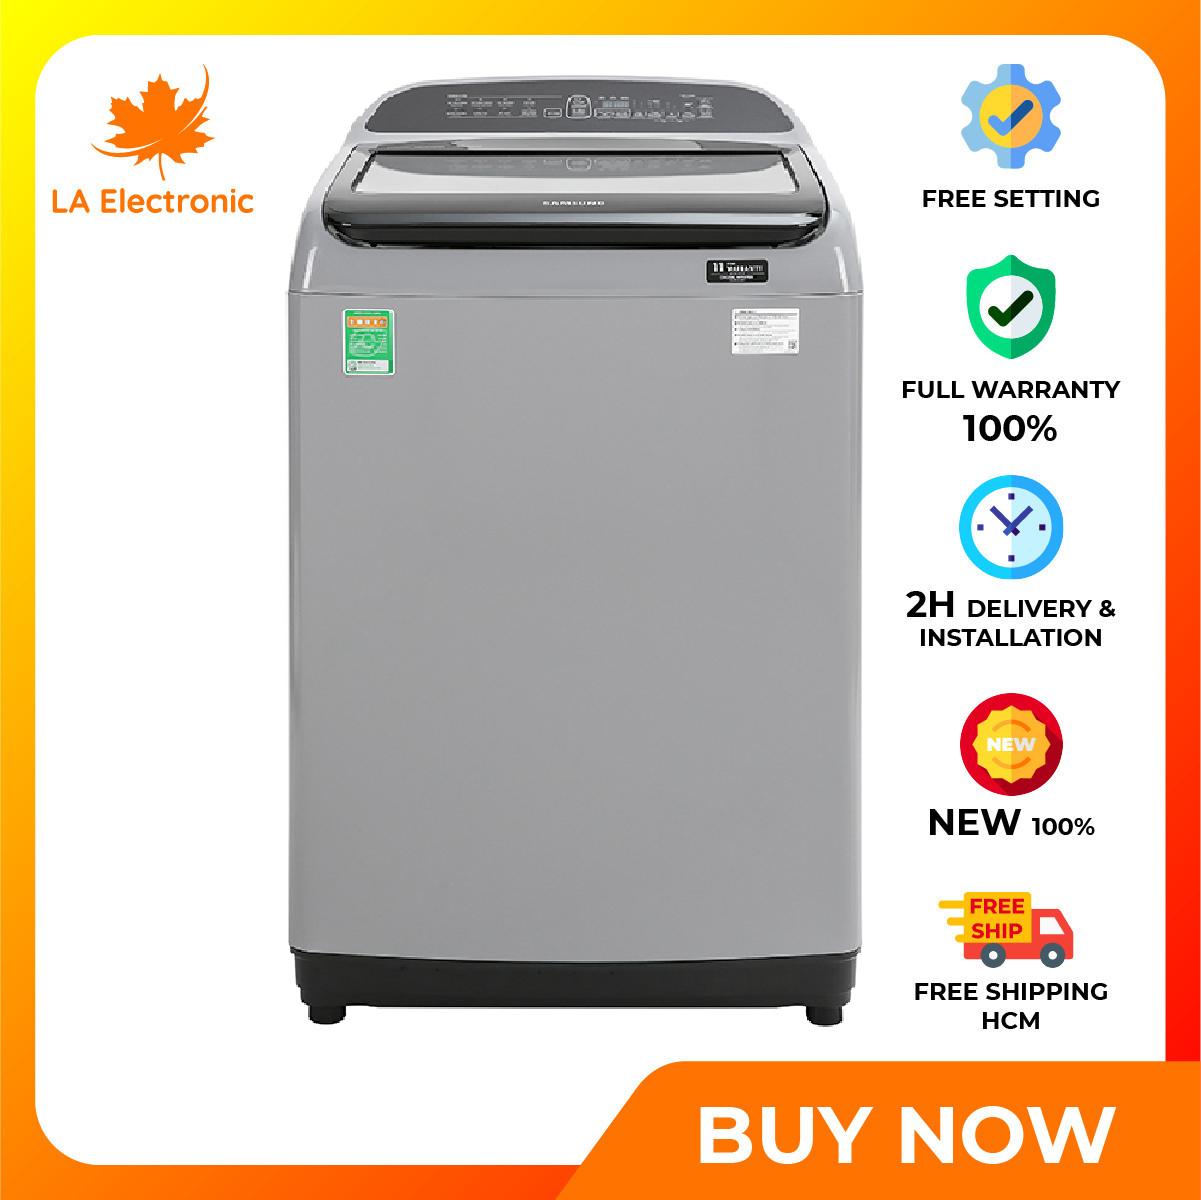 Trả Góp 0% - Máy giặt Samsung Inverter 10 kg WA10T5260BY/SV - Miễn phí vận chuyển HCM